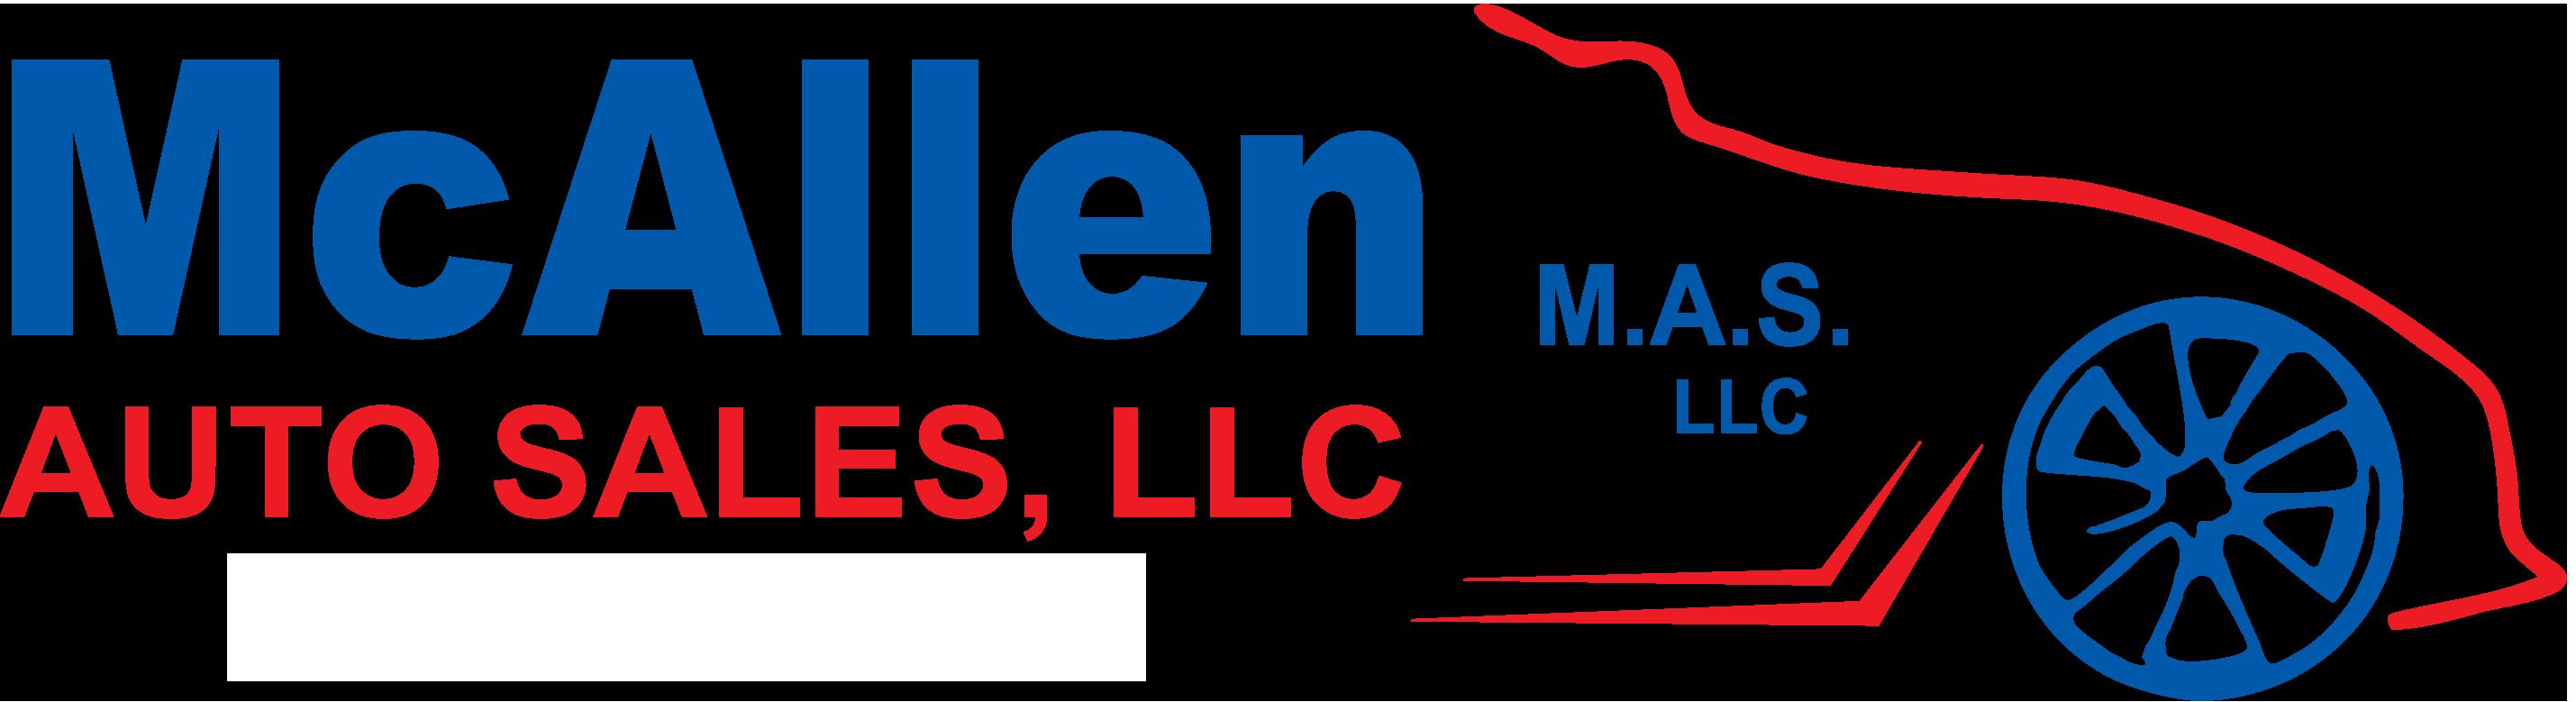 McAllen Auto Sales, LLC